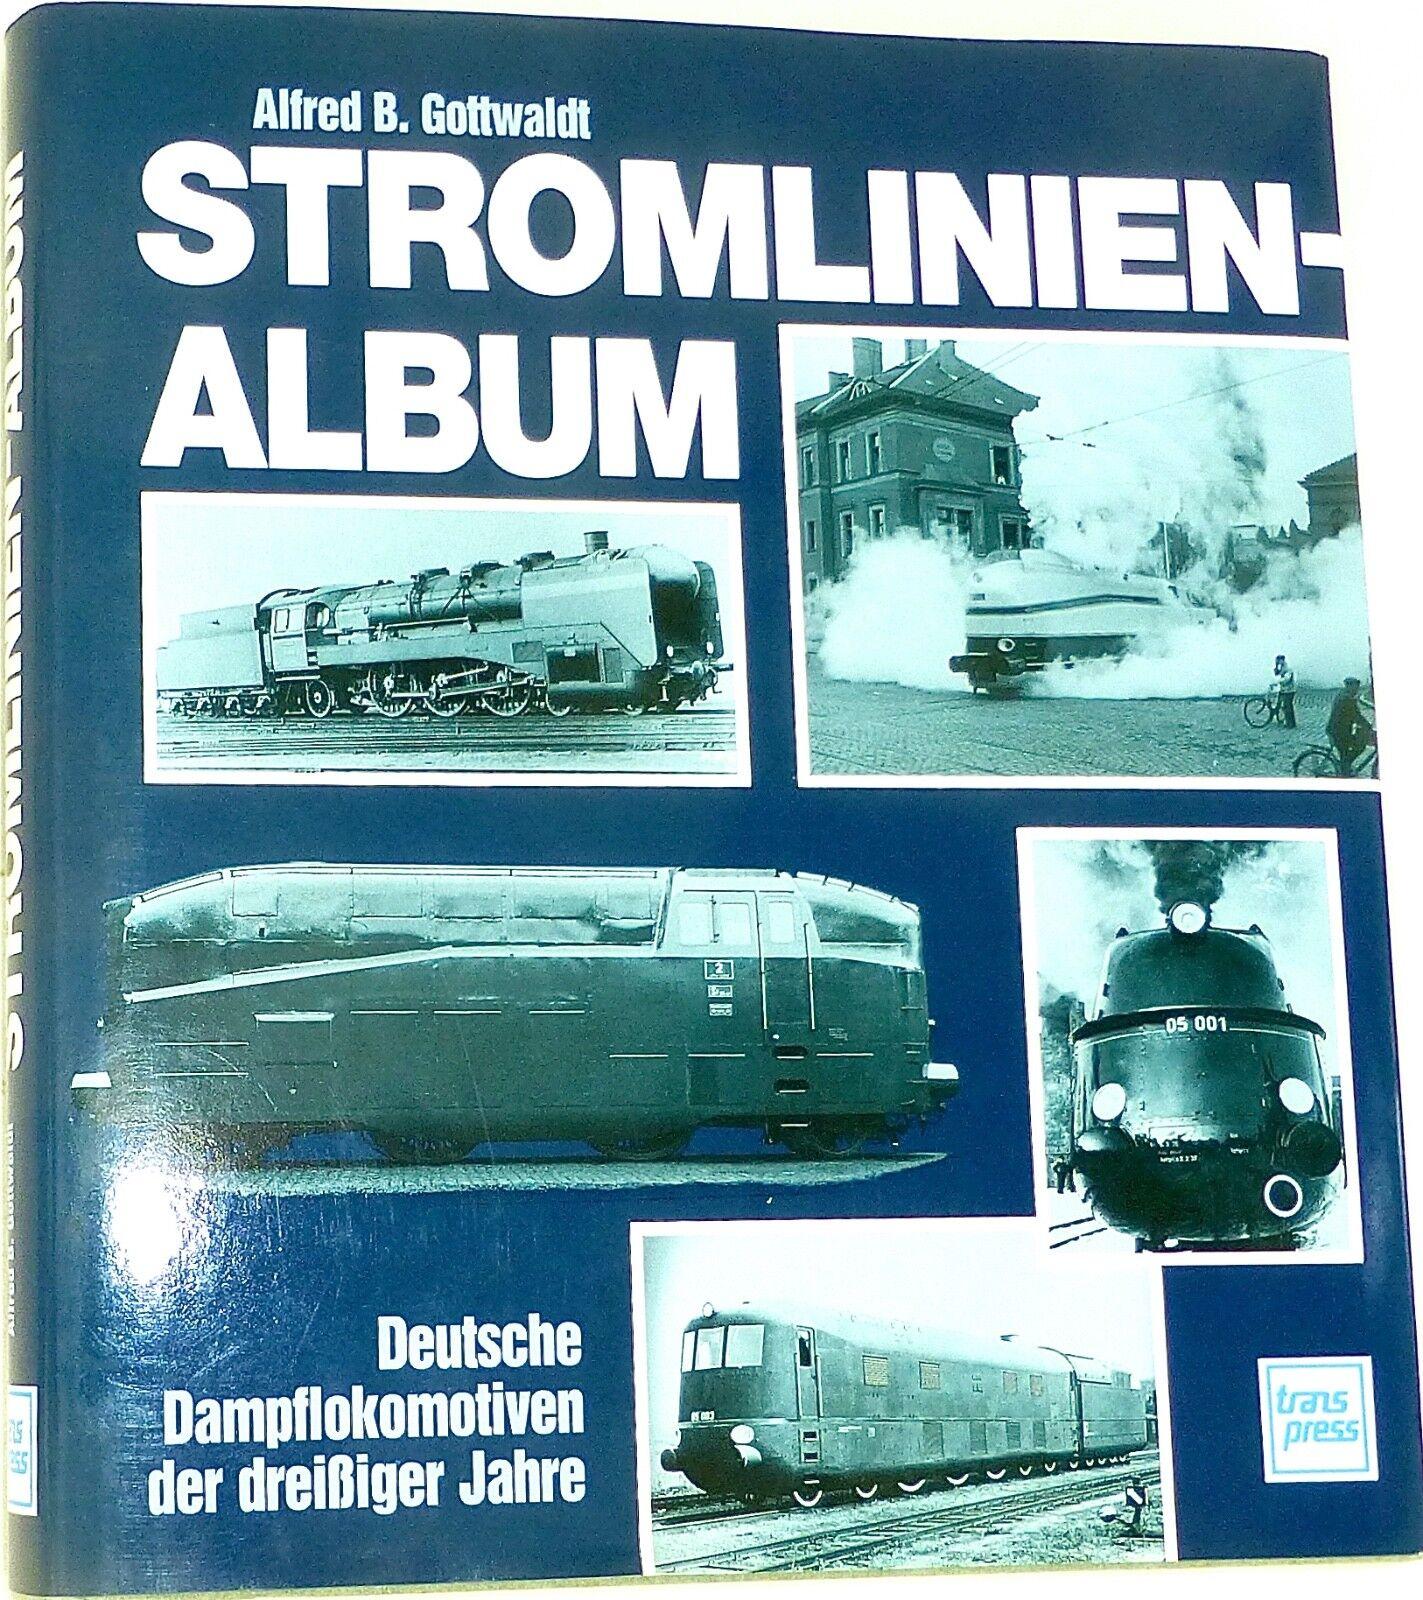 Stromlinienalbum DEUTSCH Dampflokomotiven Der 30er ANNI Gottwald Transpress Å